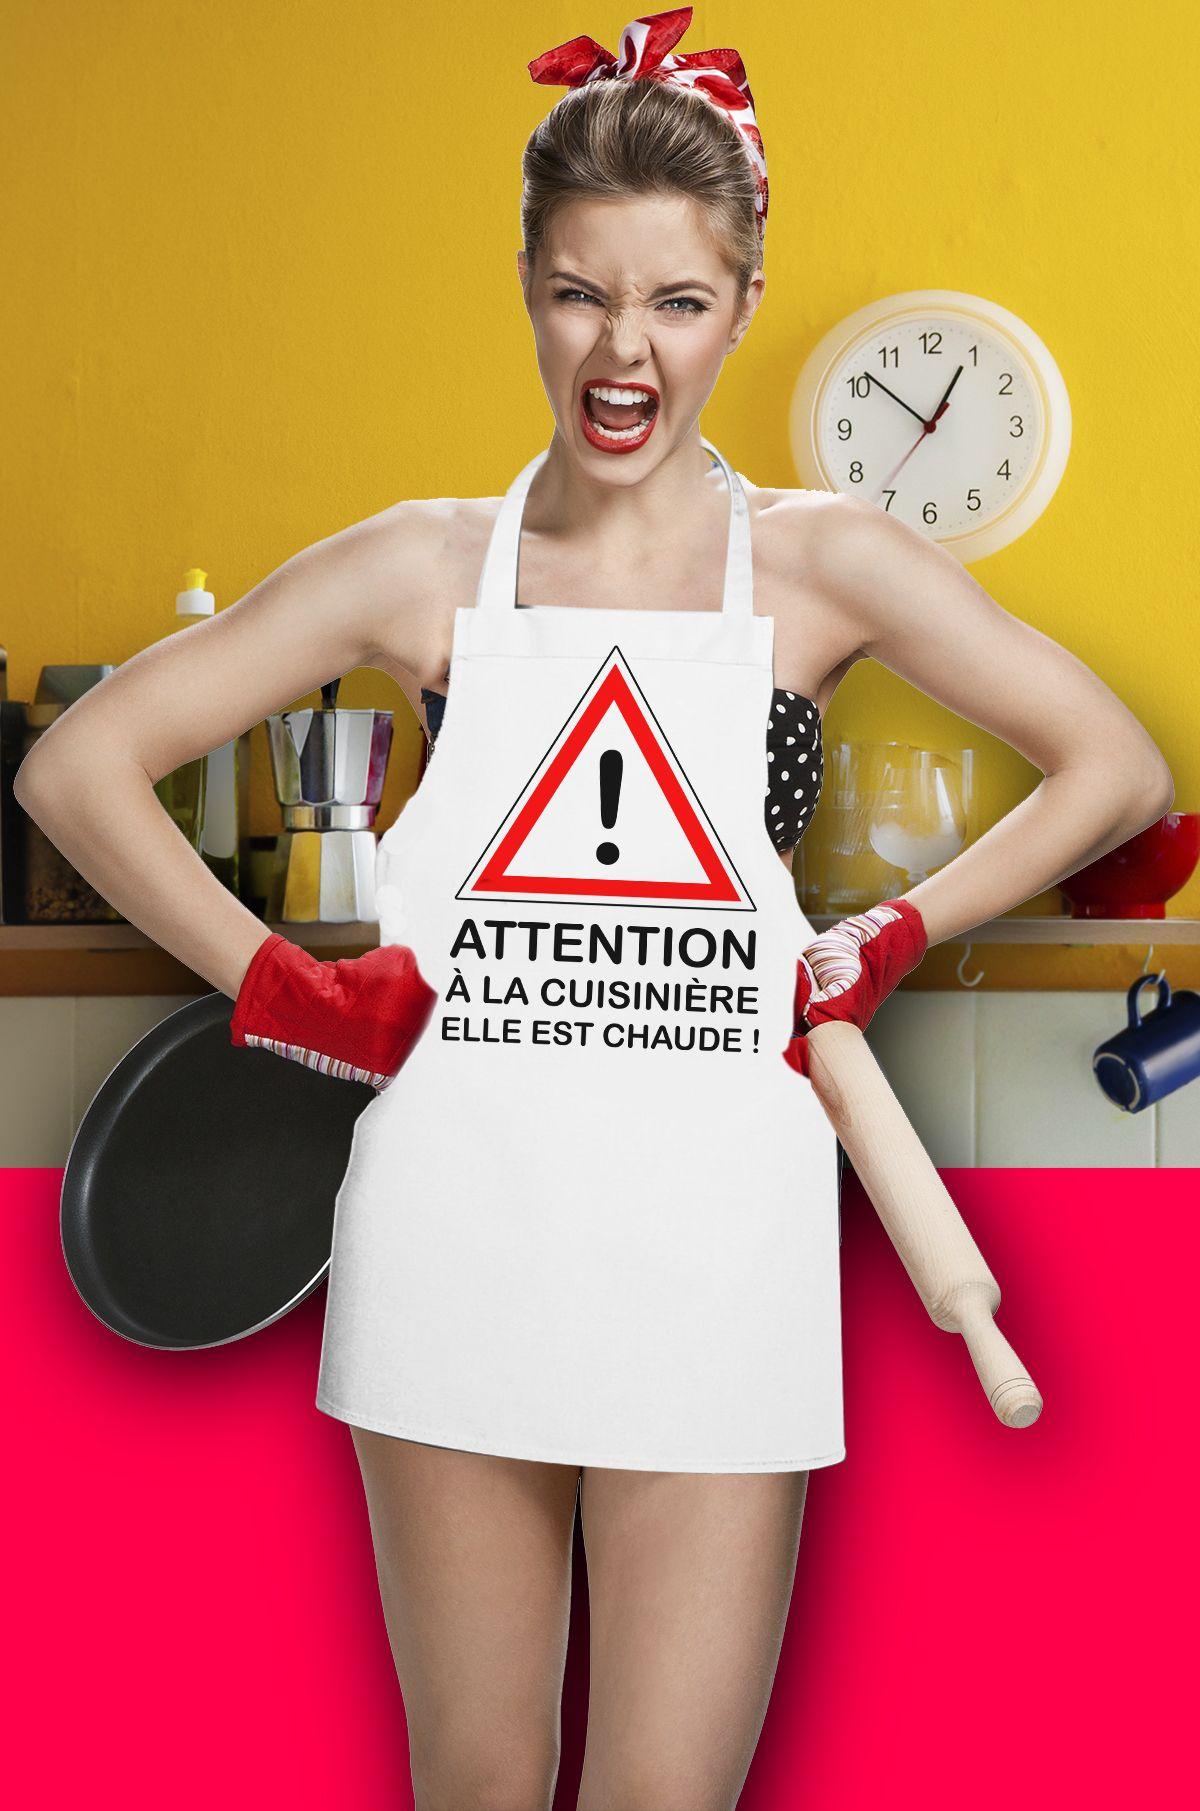 Attention A La Cuisiniere Elle Est Chaude Humour Tablier Spreadshirt Tablier Cuisine Tablier Cuisiniere